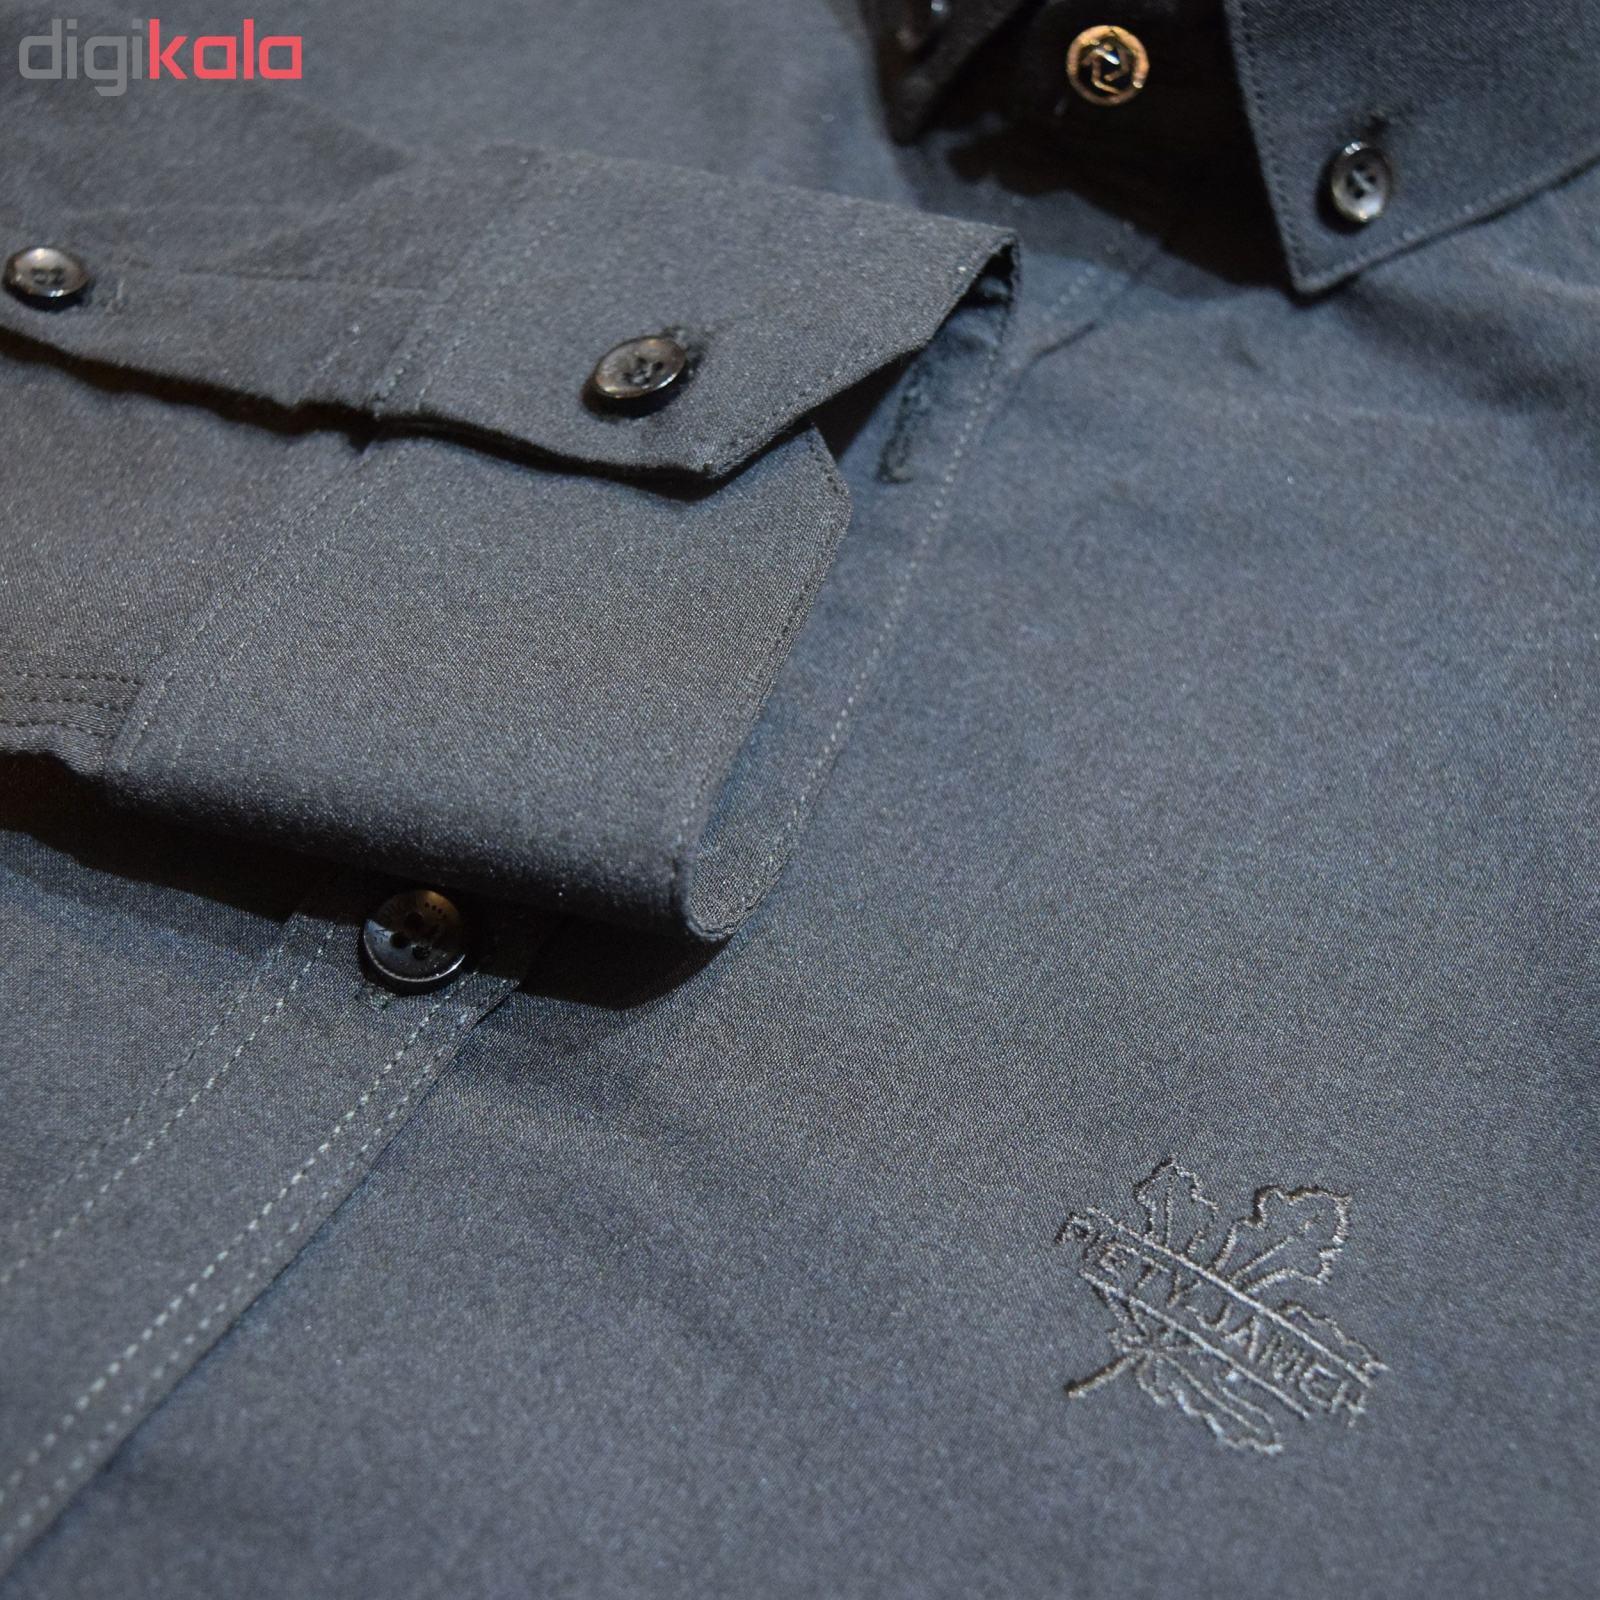 پیراهن مردانه پایتی جامه کد 1914109 main 1 2